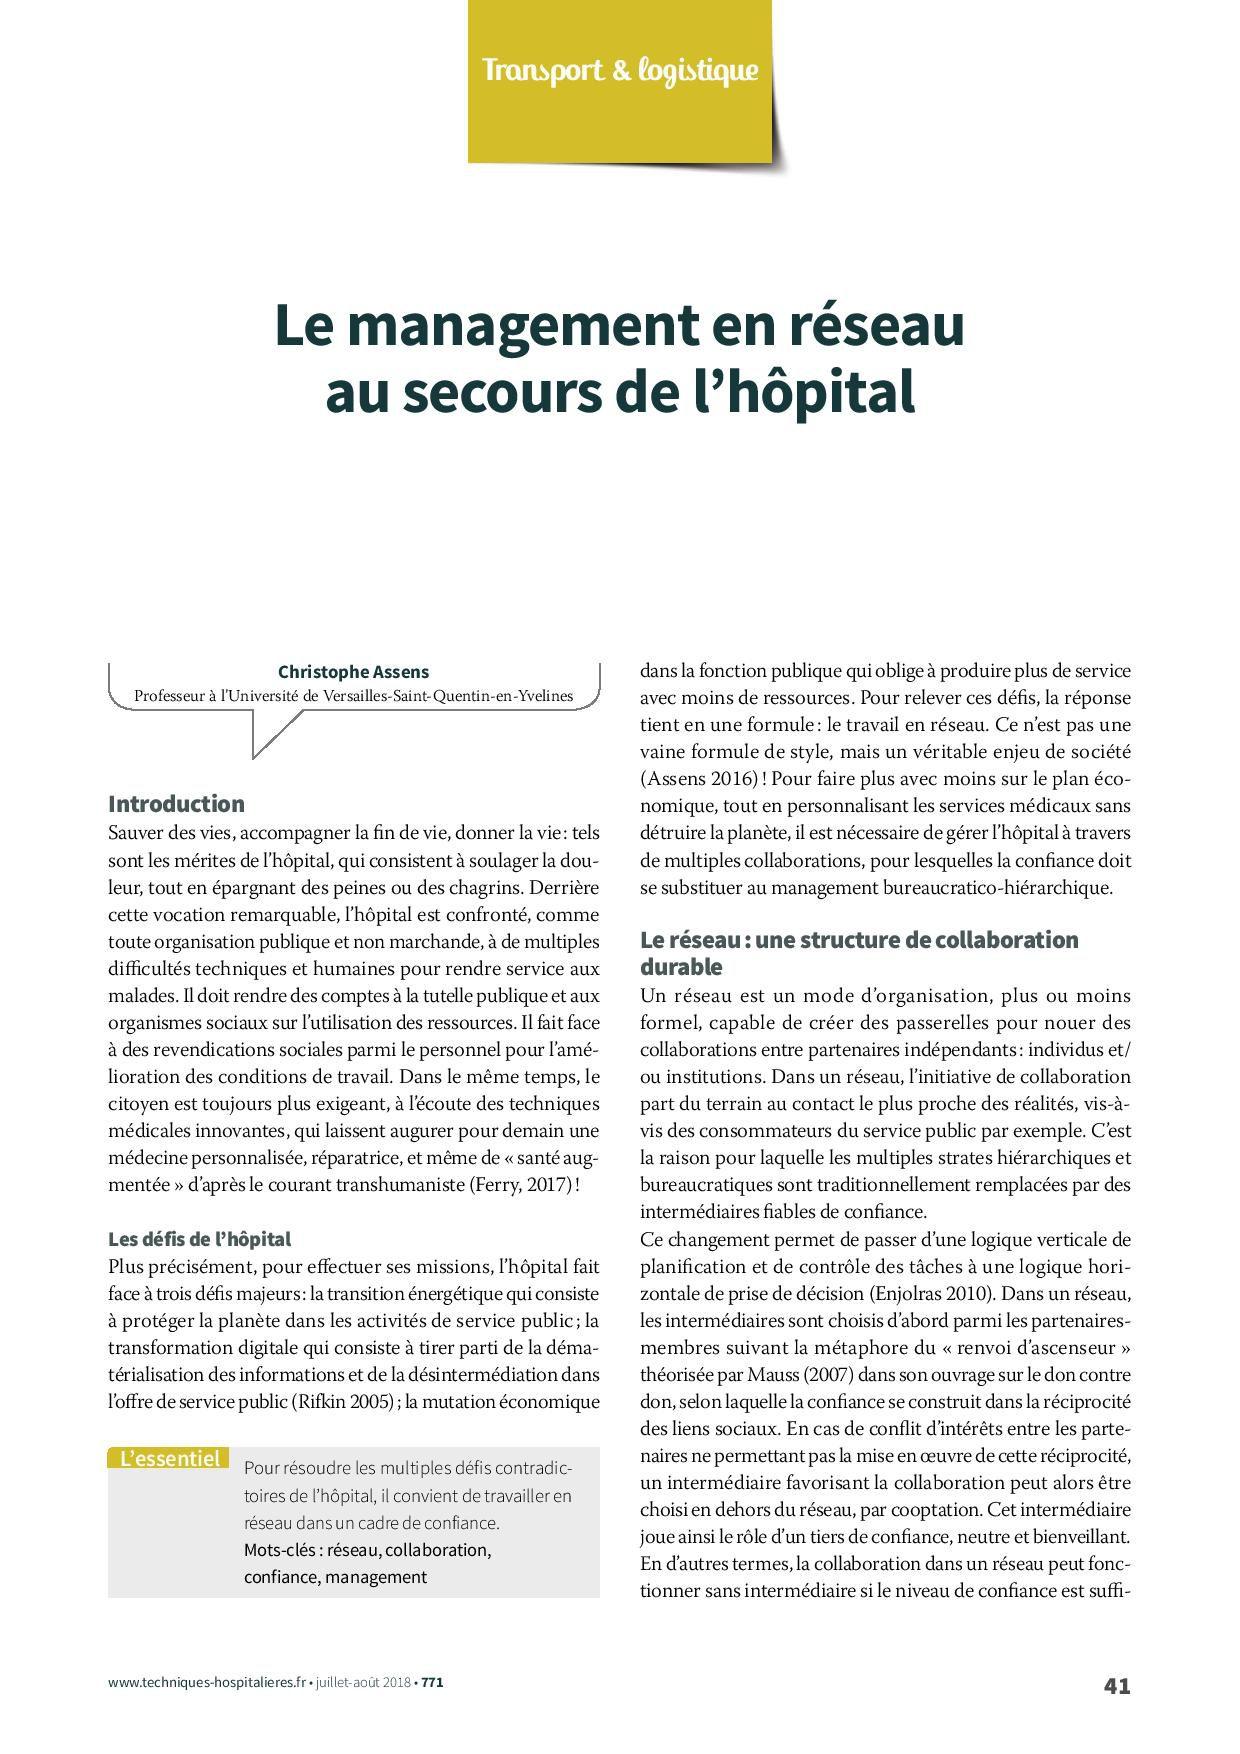 Le management en réseau au secours de l'hôpital - Techniques hospitalières